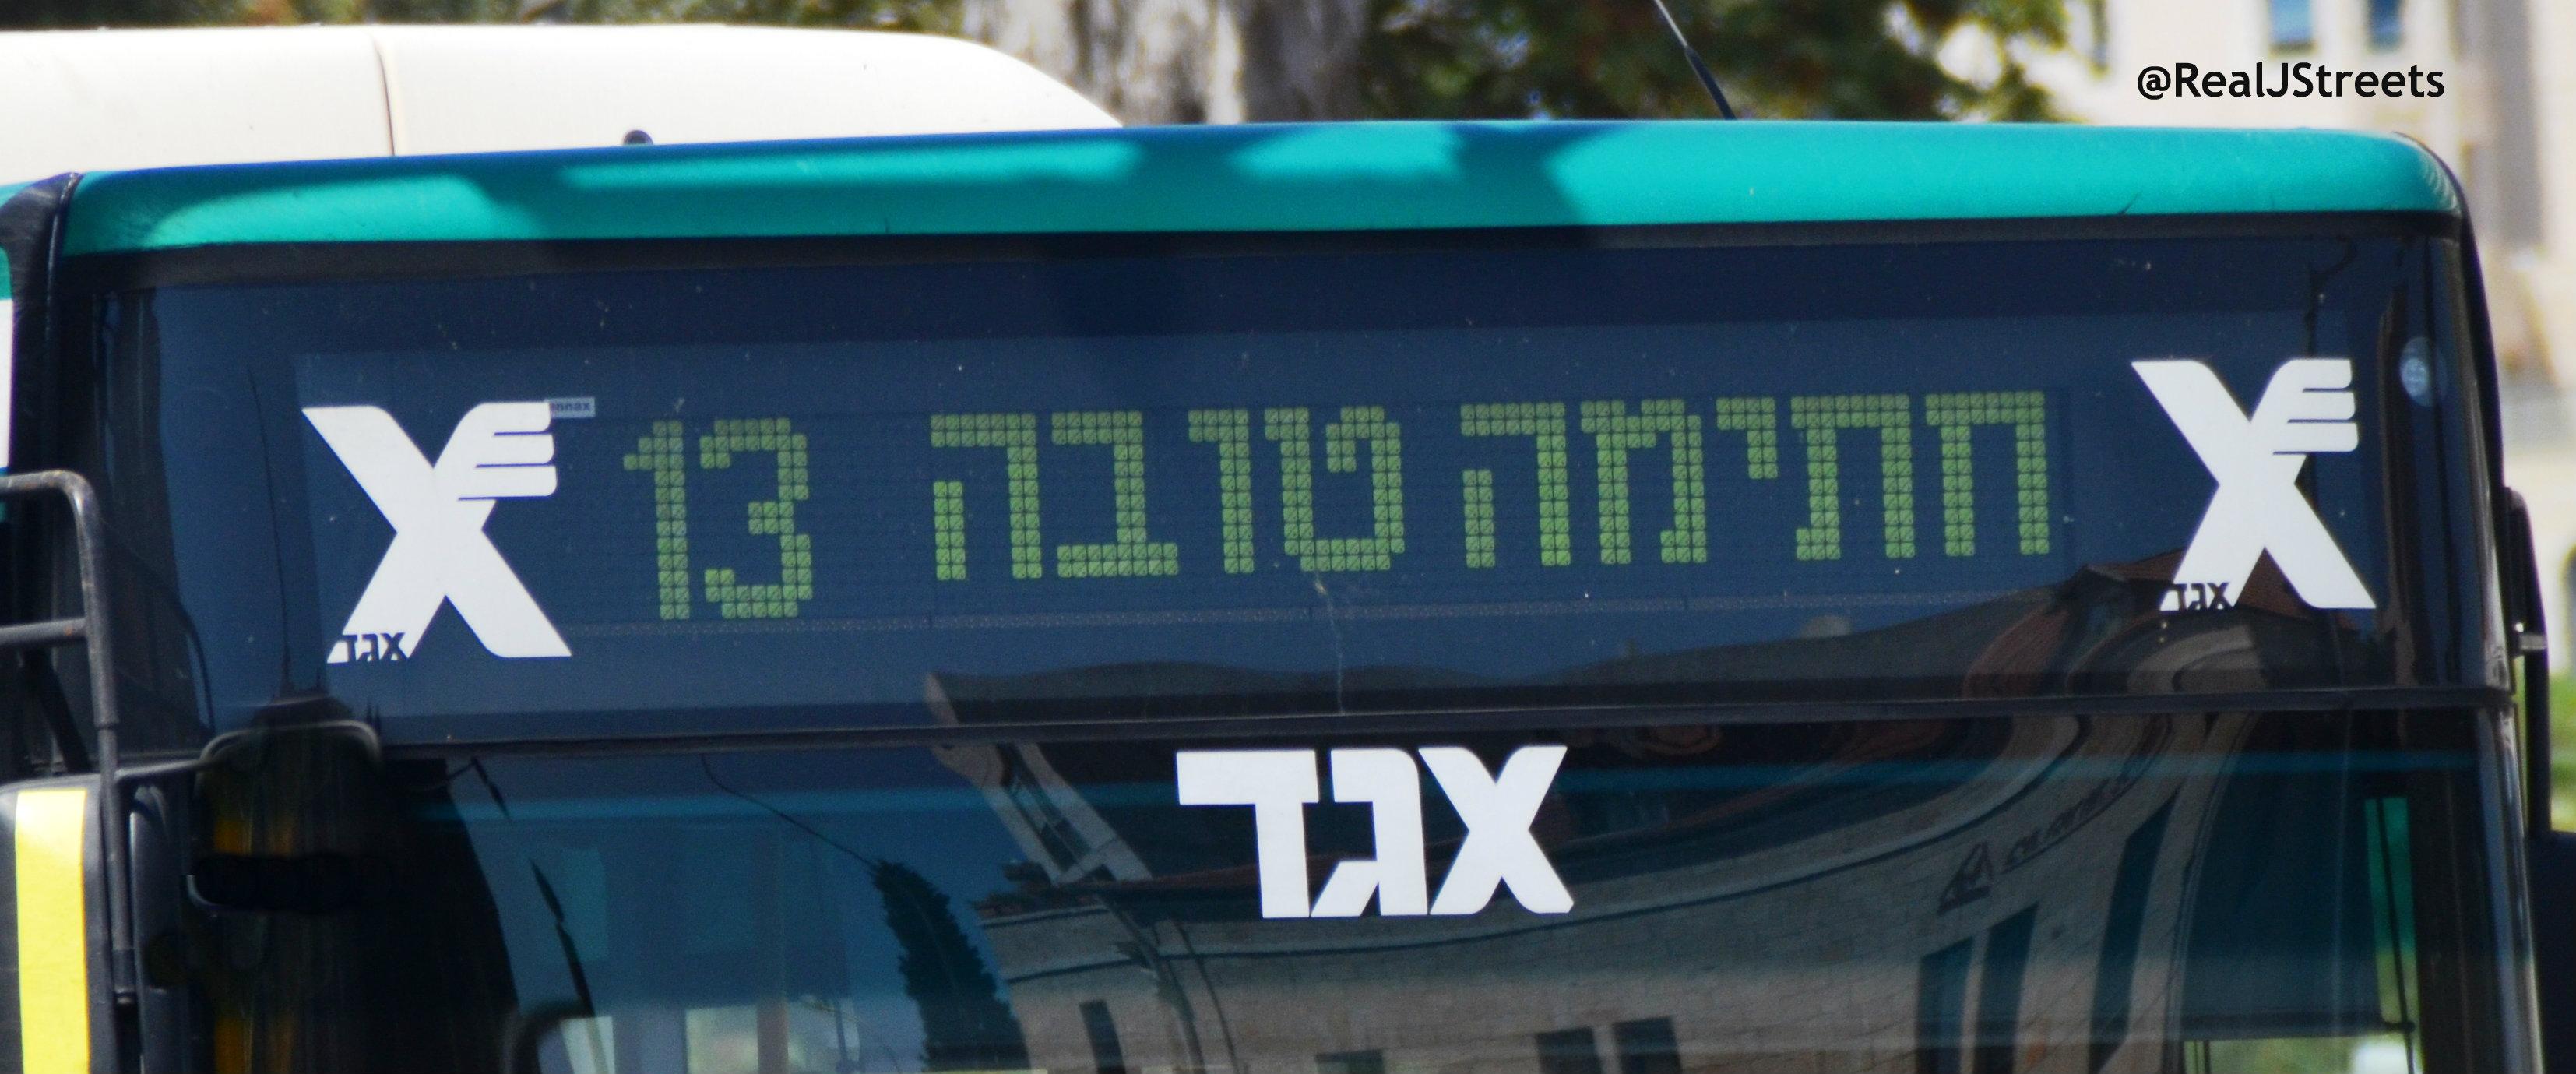 image for Yom Kippur